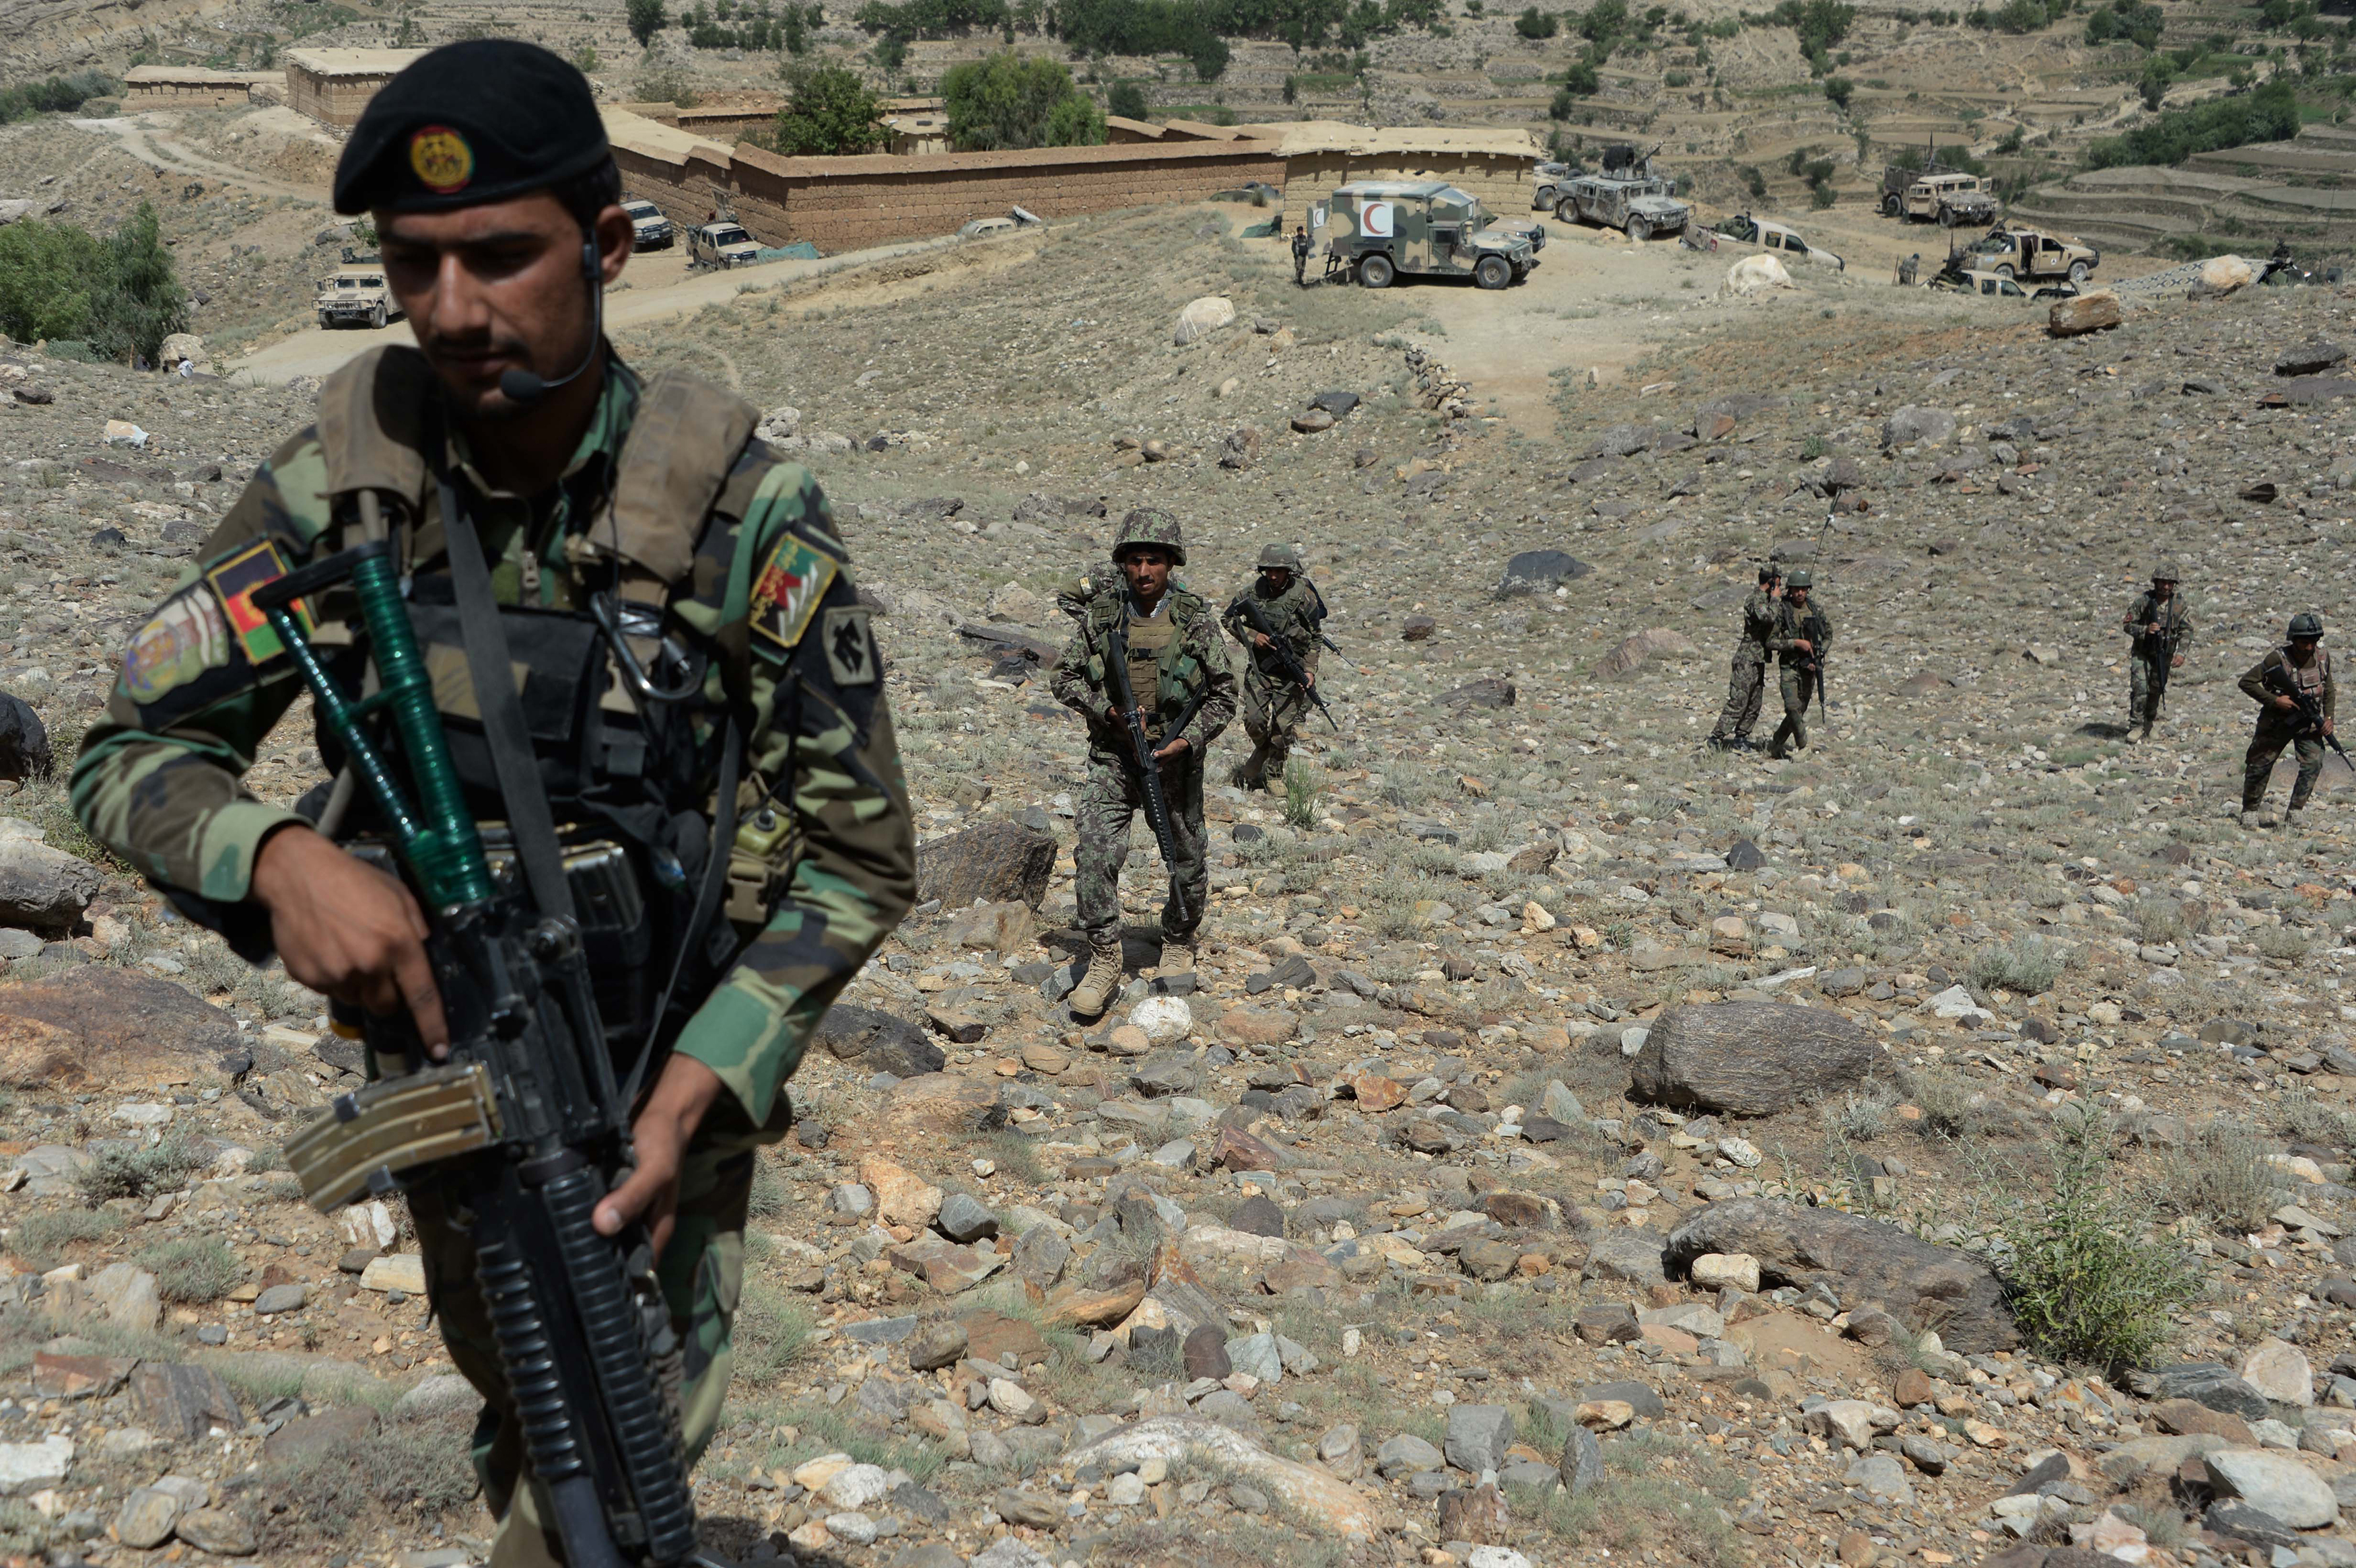 شعبه خراسان داعش طی یکسال سومین رهبر خود را از دست داد